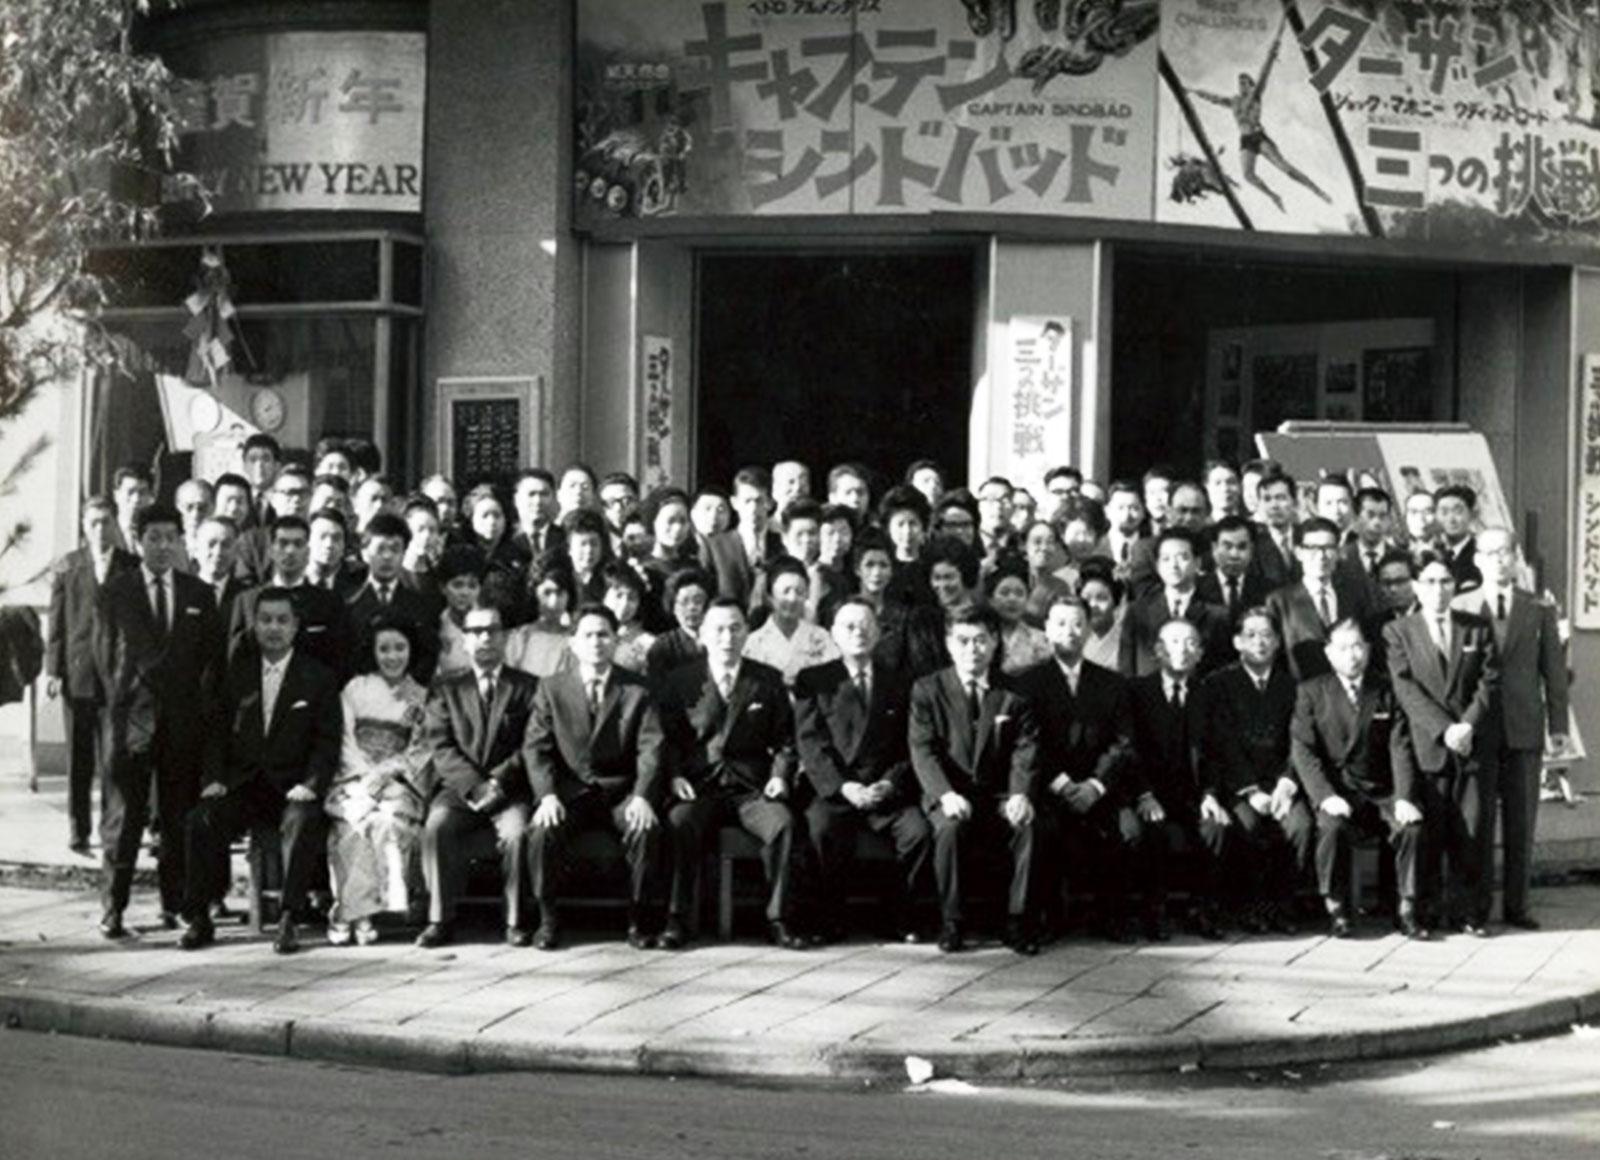 1964(昭和39)年1月、新春の武蔵野館従業員による集合写真(武蔵野興業 所蔵写真)